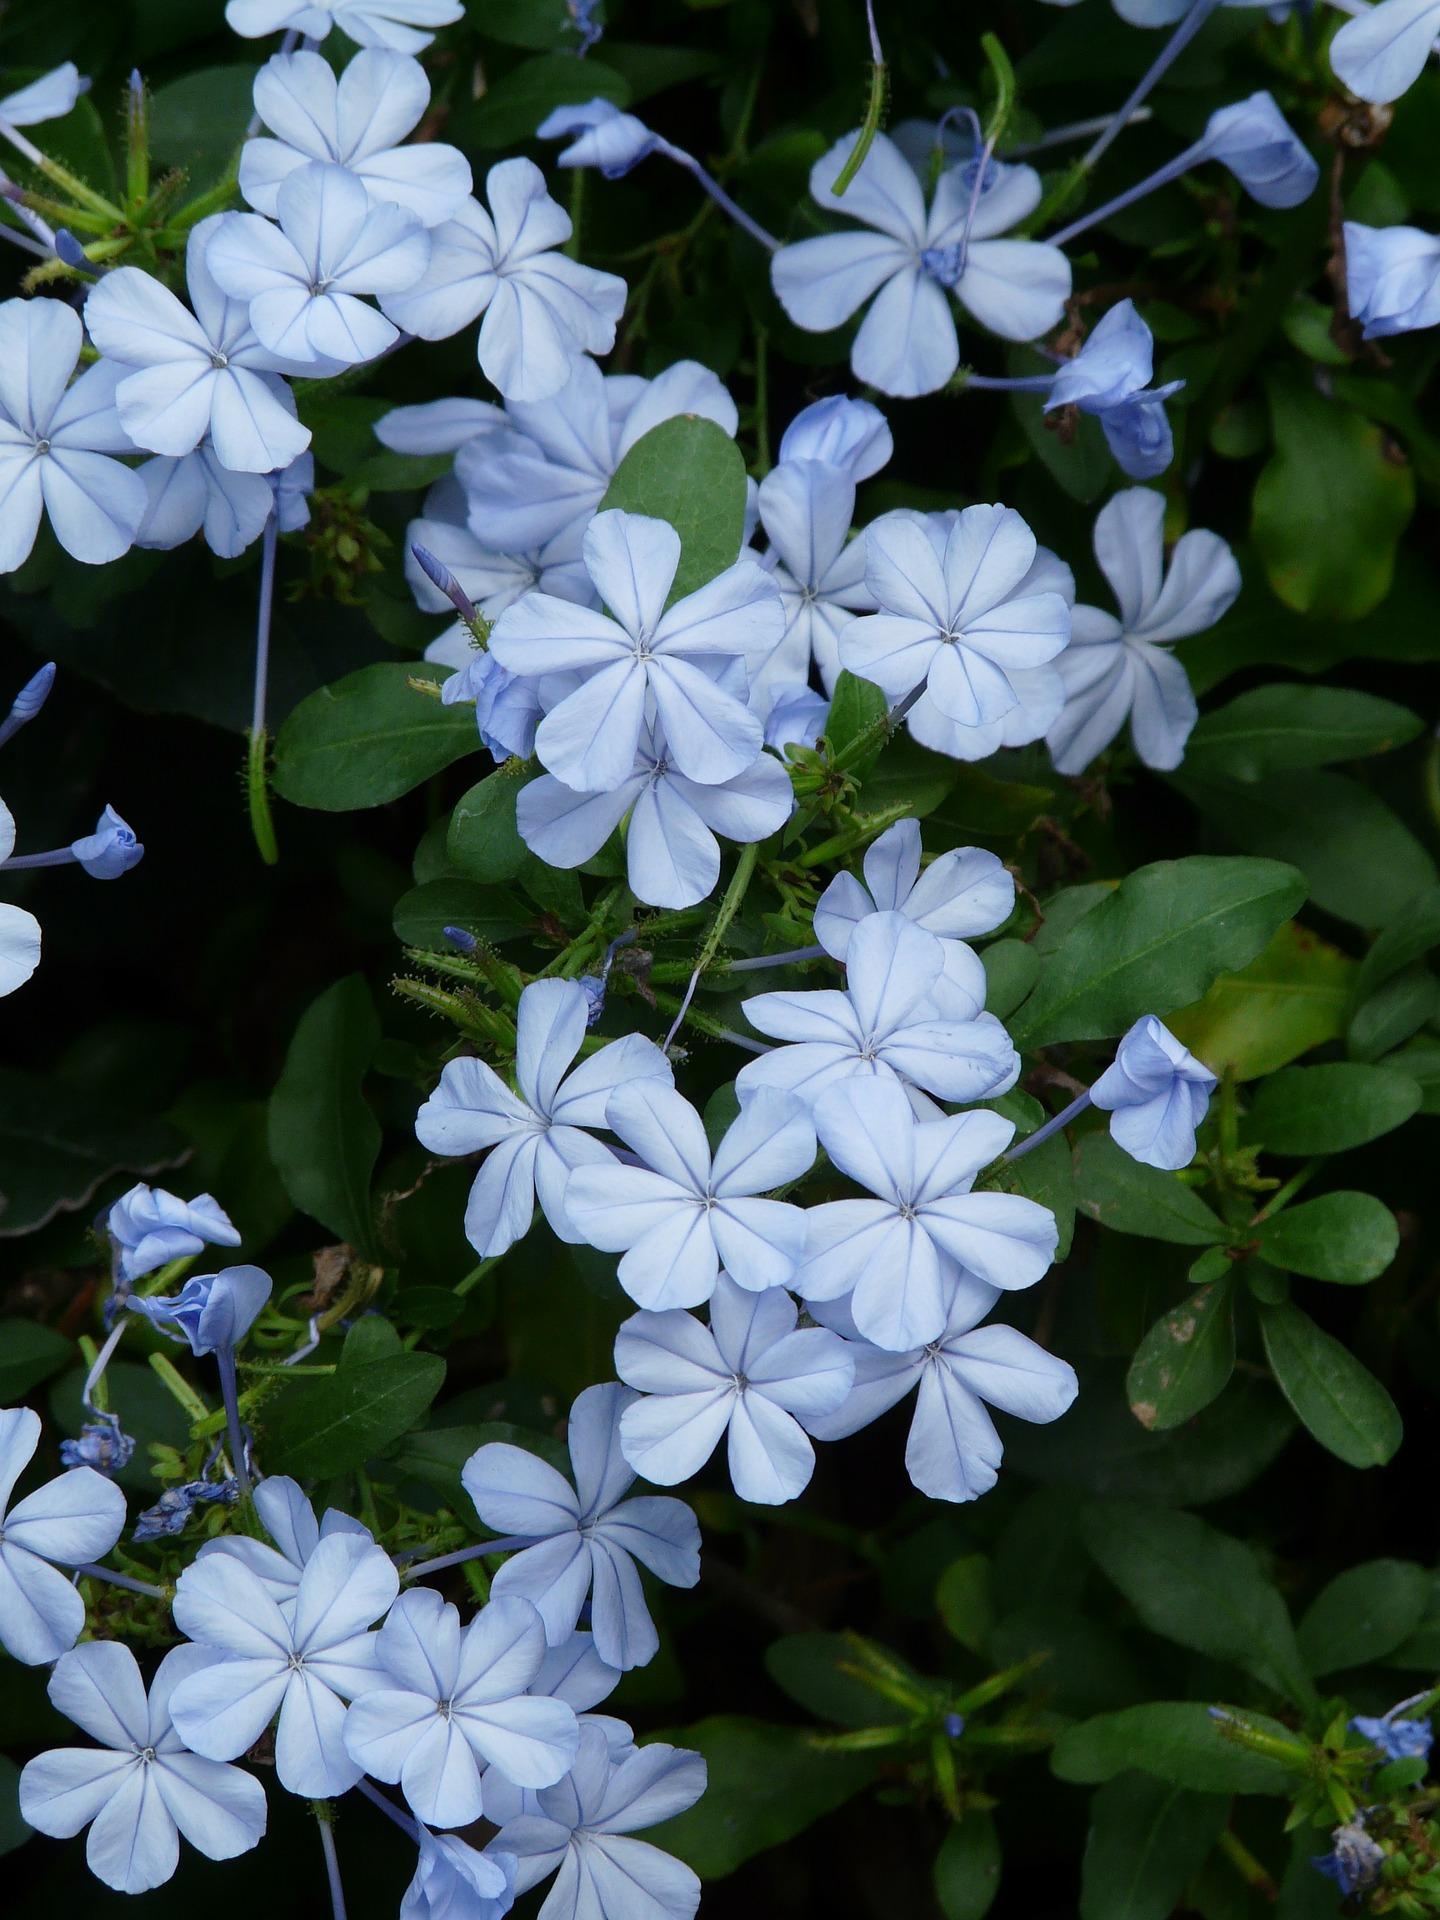 Plumbago il gelsomino azzurro pianta dalla lunga e raffinata fioritura